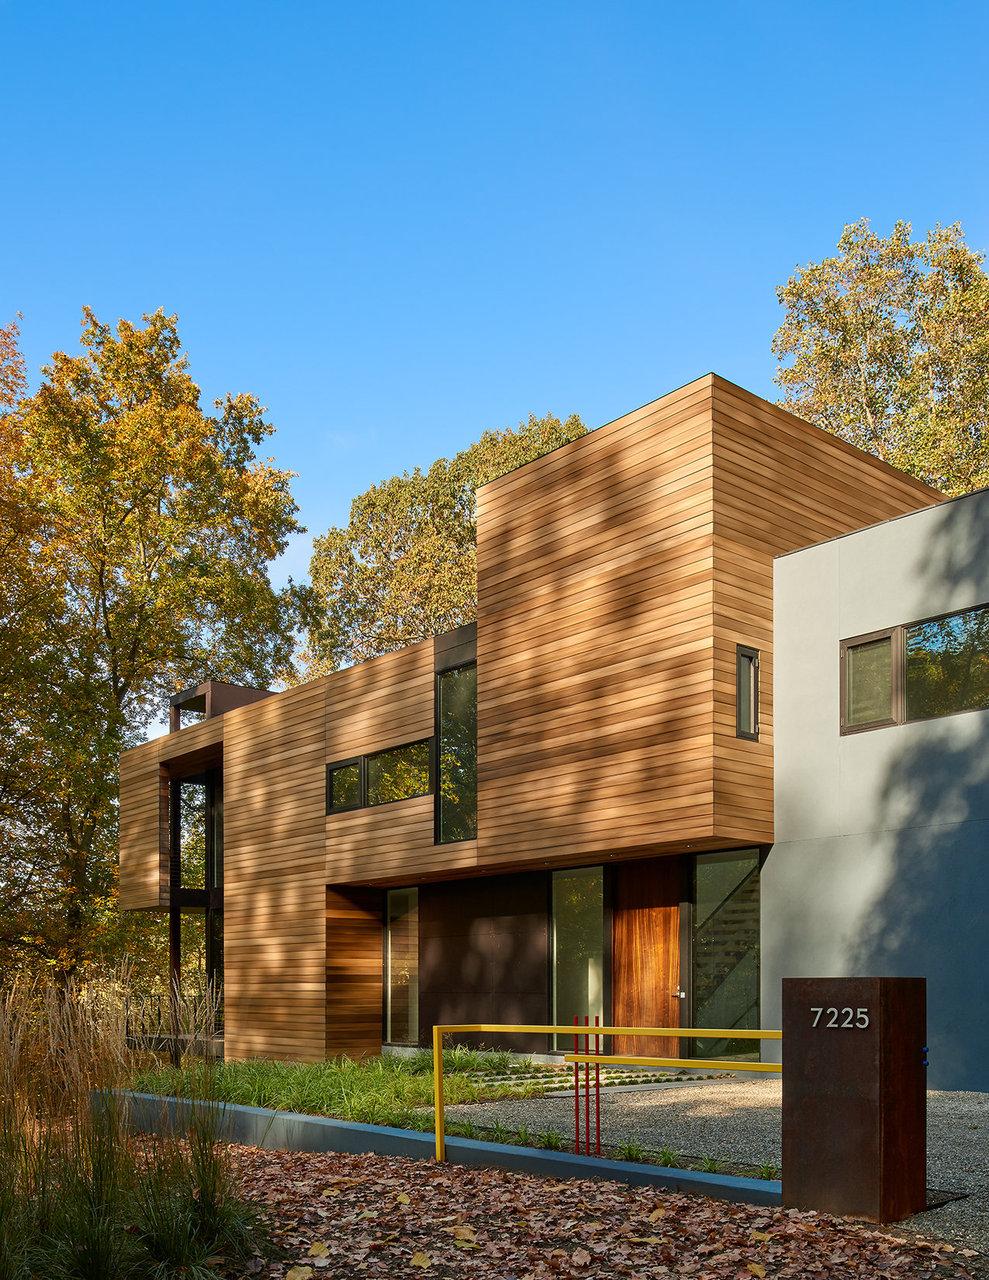 Robert gurney architect - Pavillon residentiel moderne gurney architecte ...